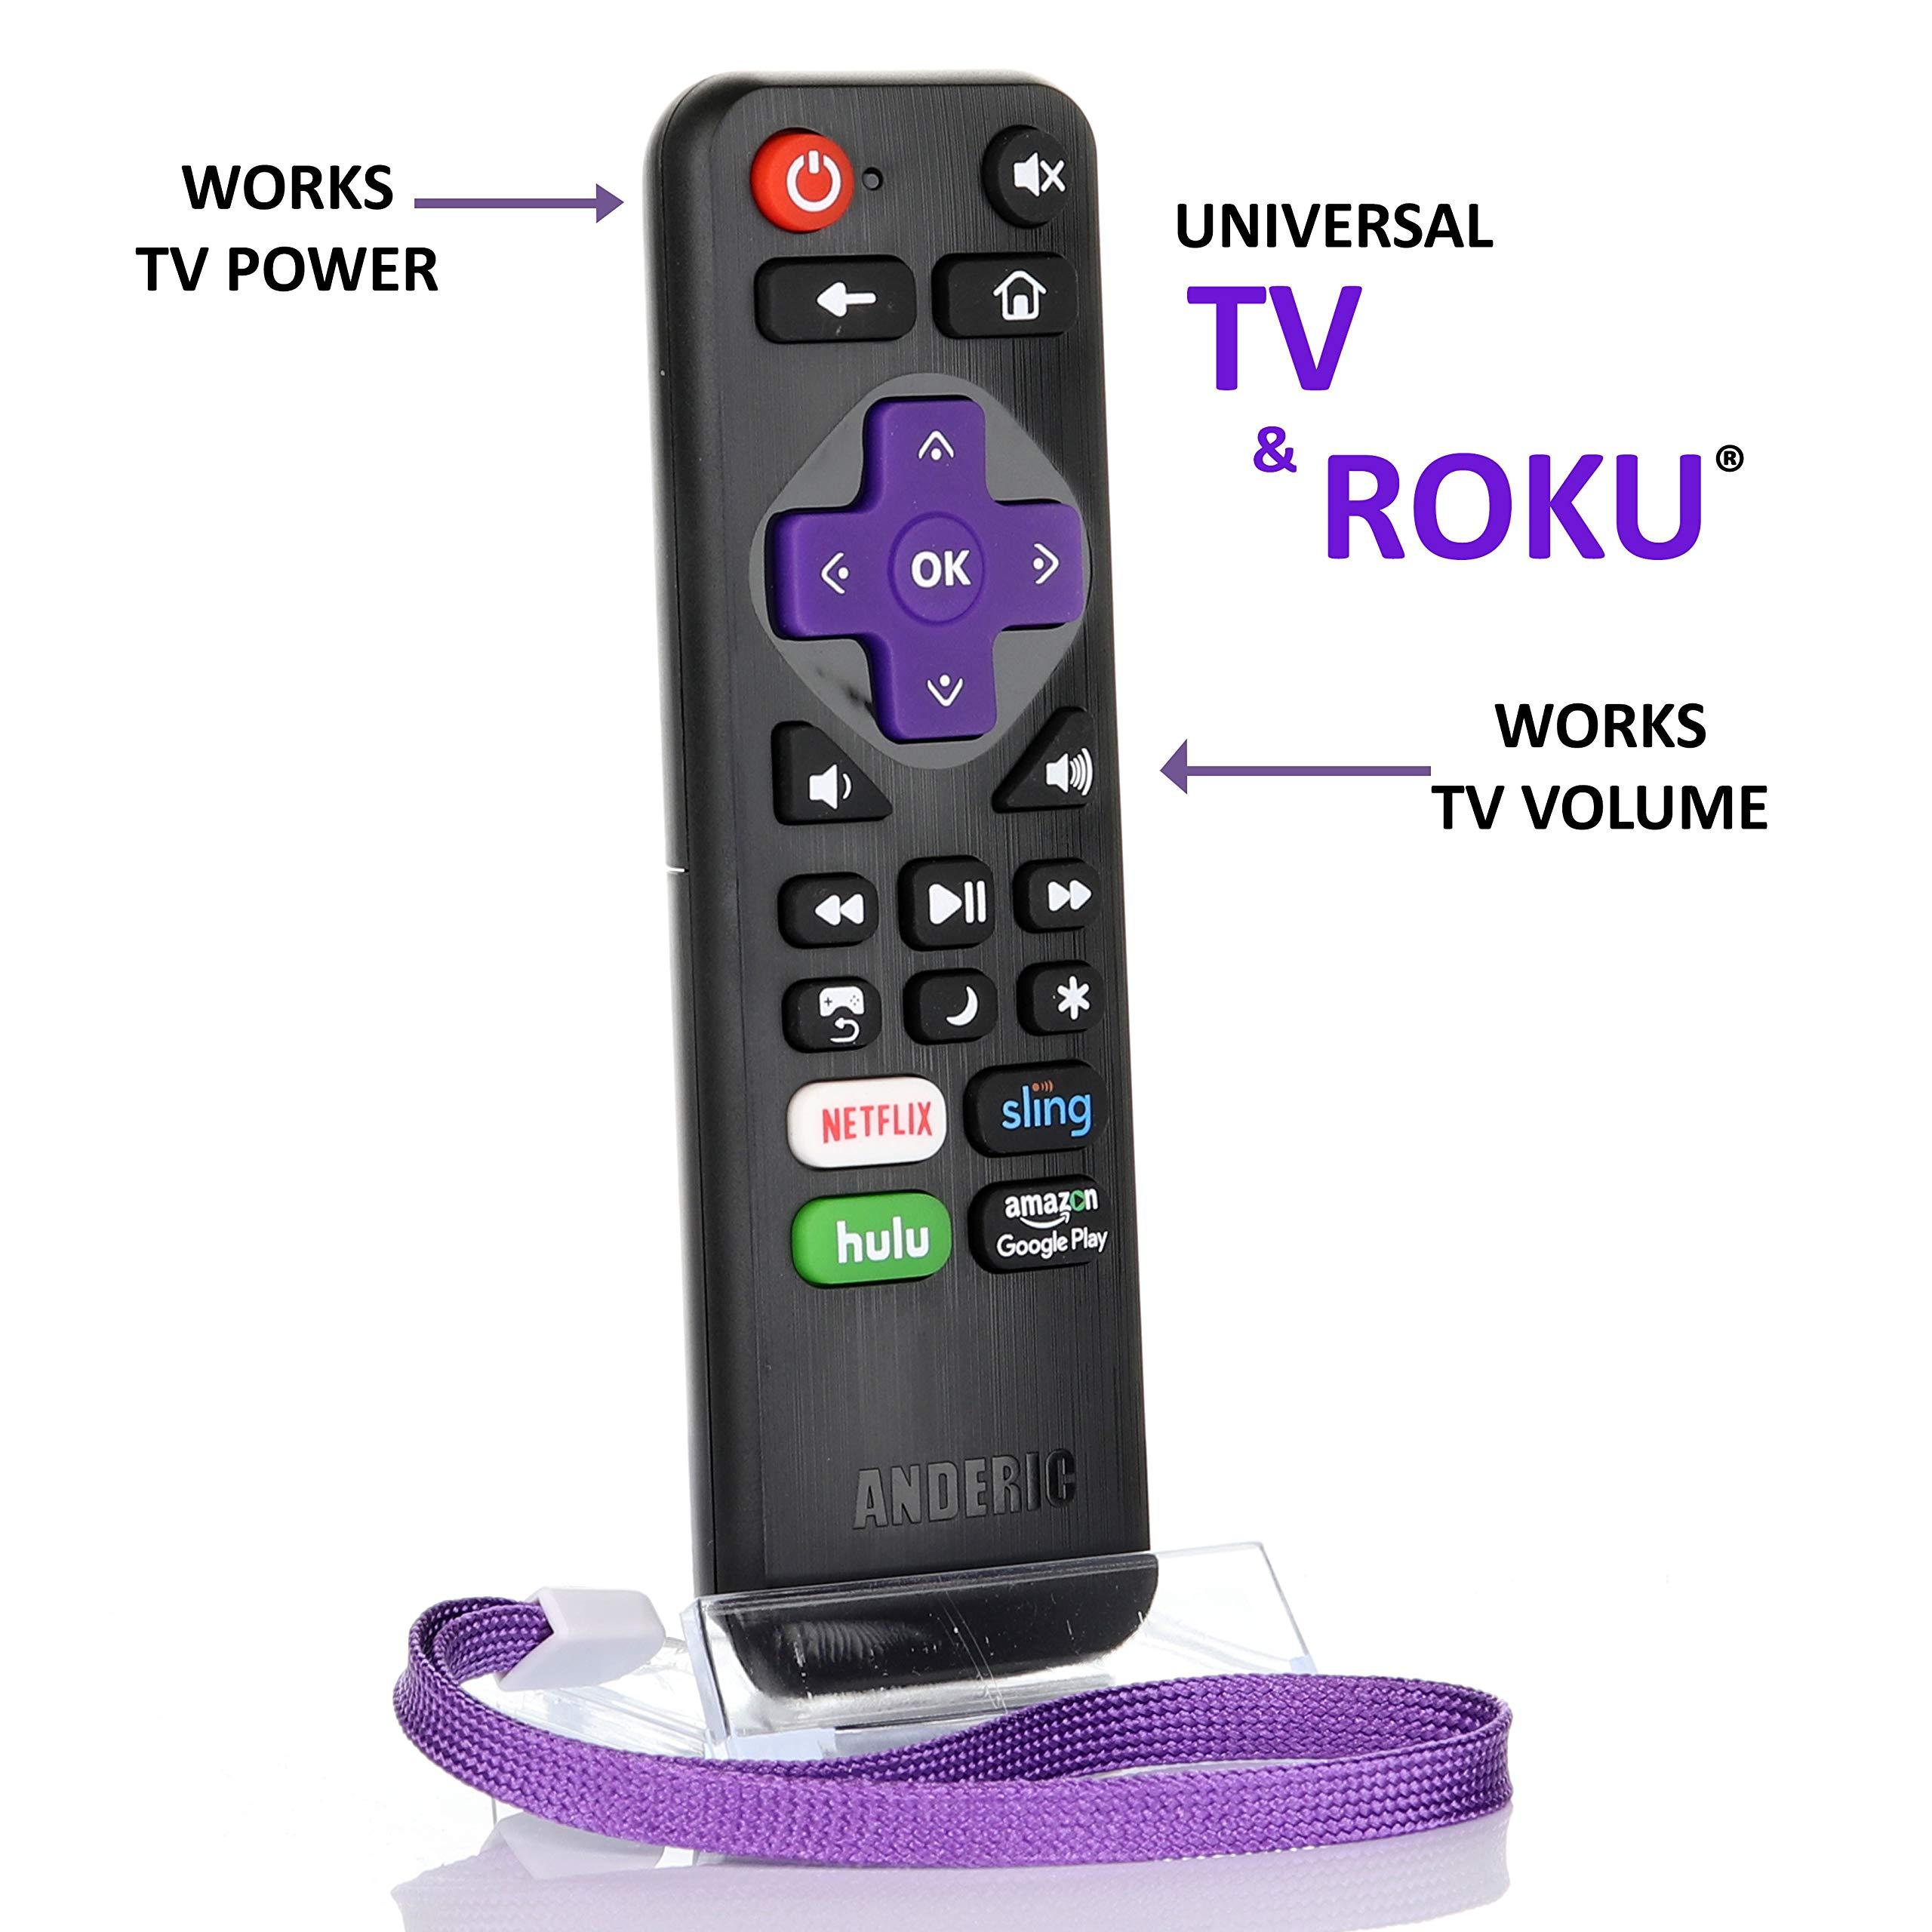 Mando a distancia universal IR Roku Express con volumen Roku/TV Streaming 2 en 1 con